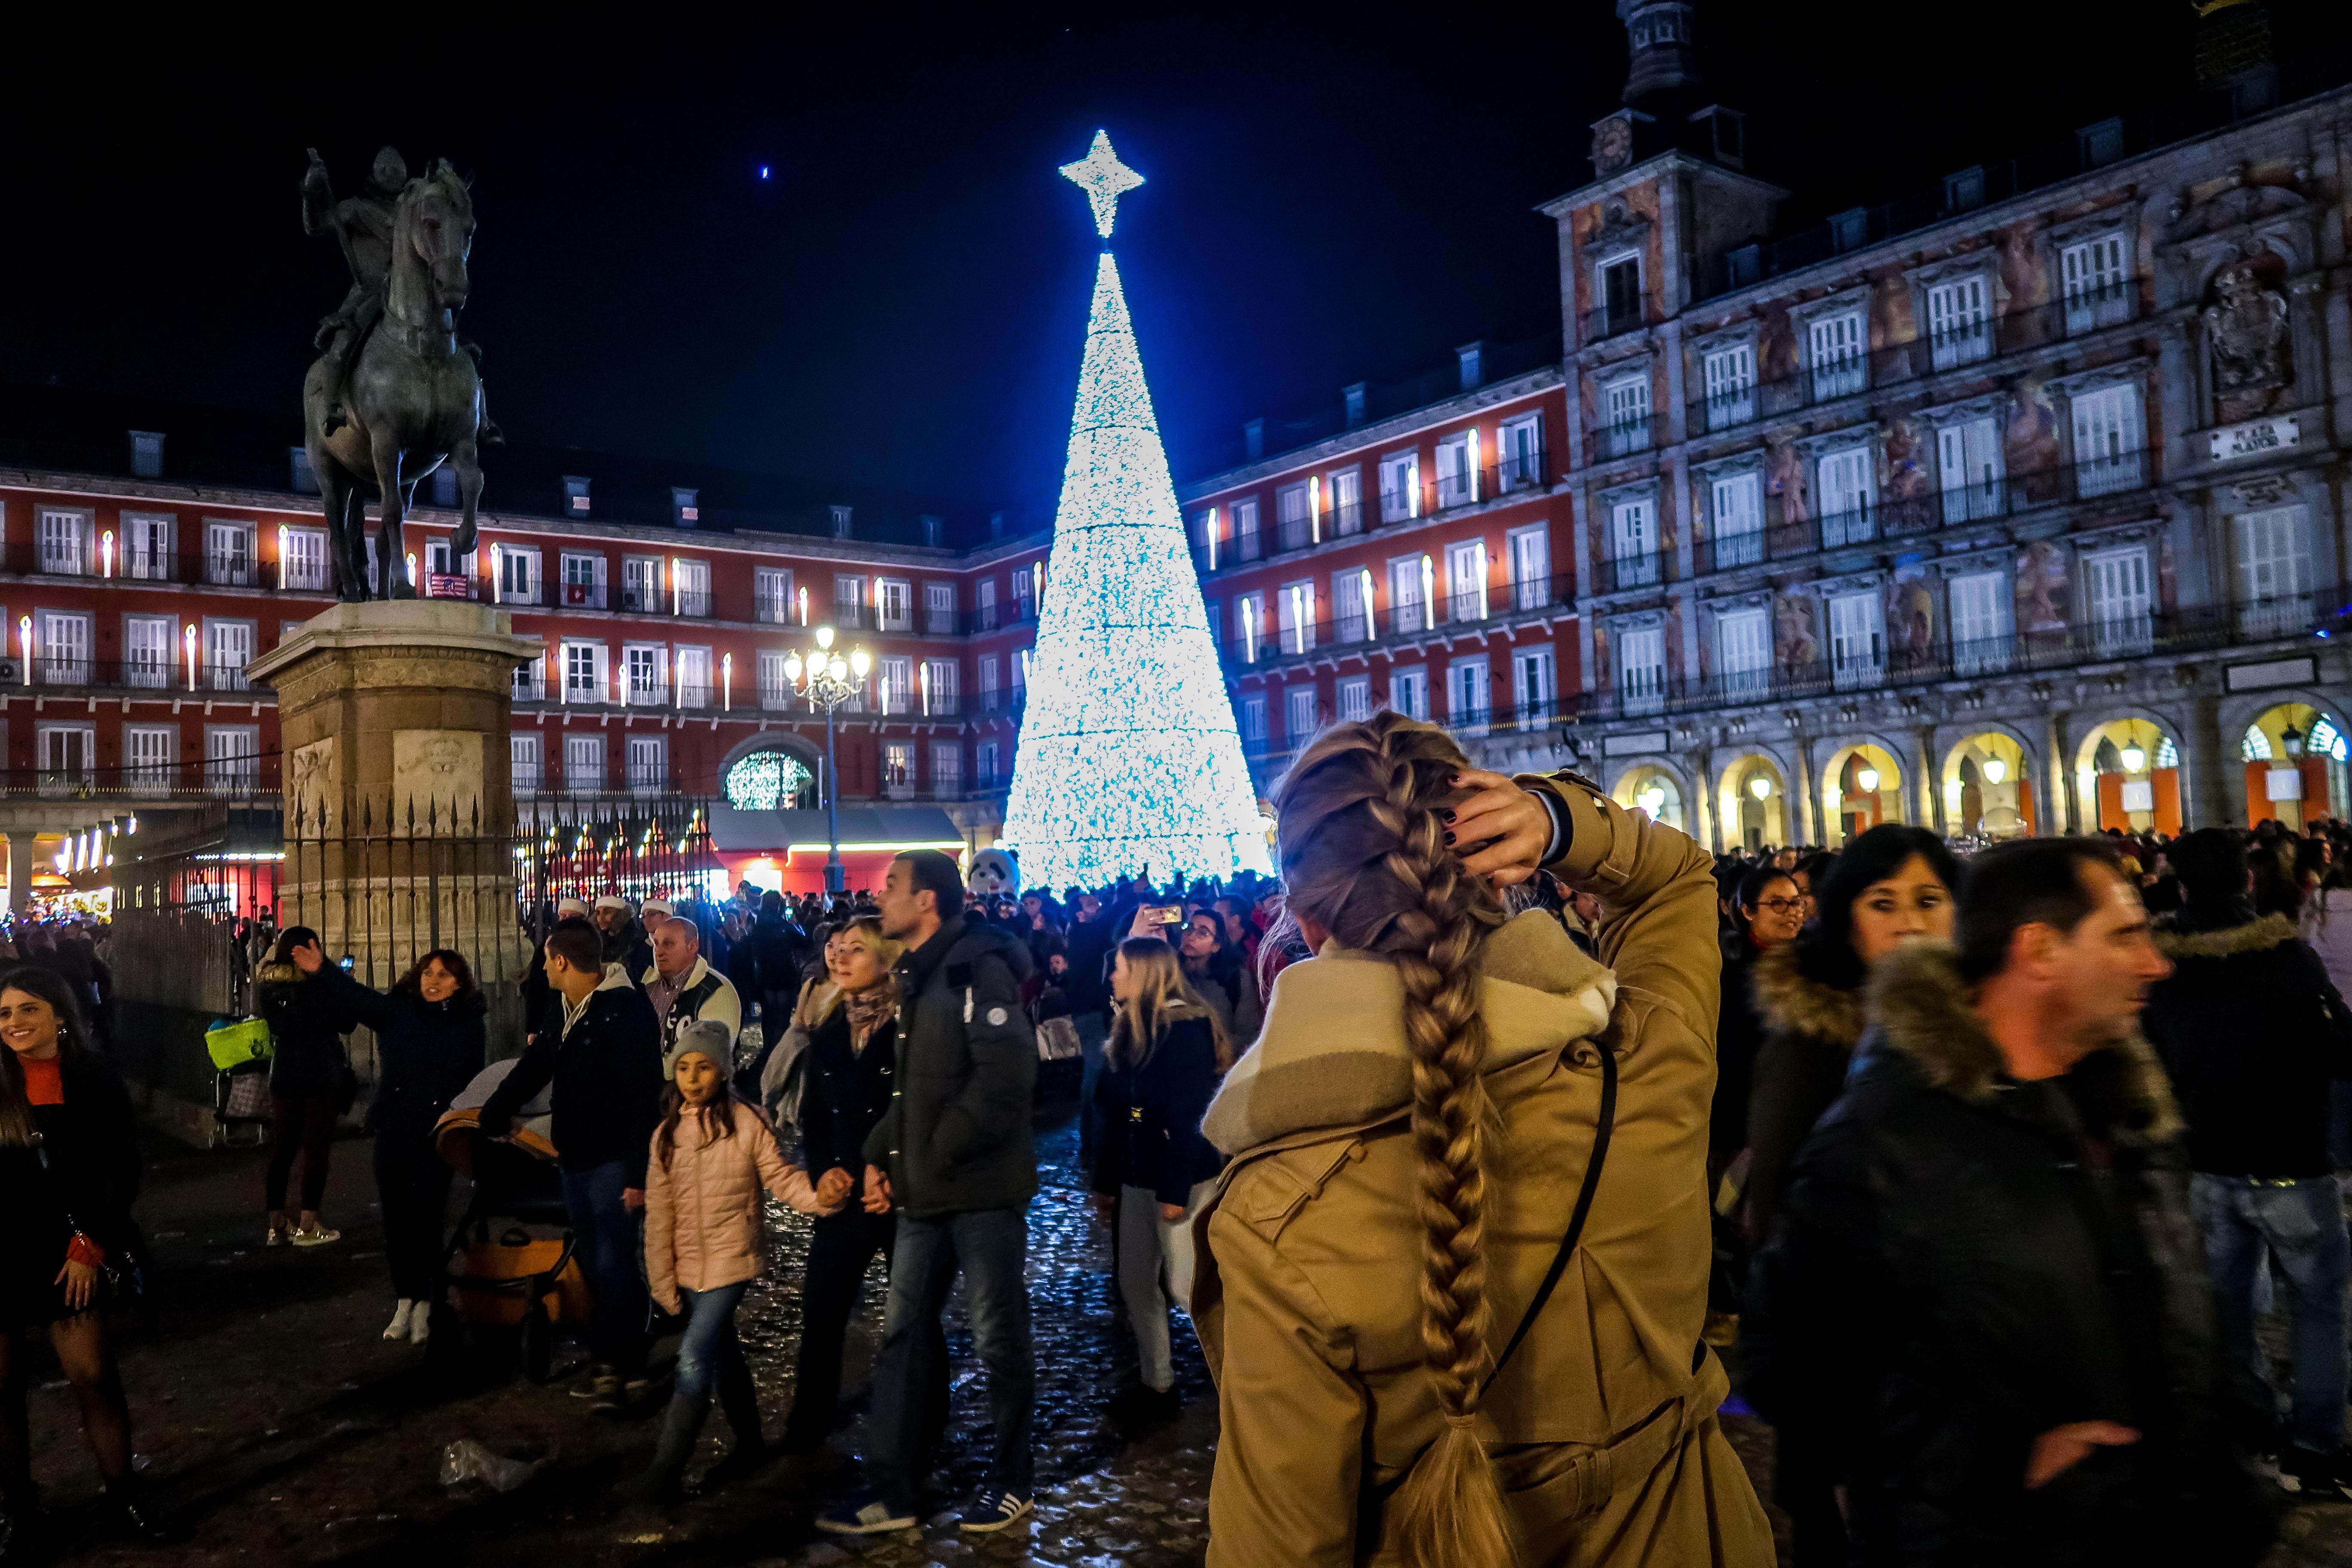 Auch auf dem Plaza Major steht ein großer Weihnachtsbaum und dort kannst du ebenfalls den Weihnachtsmarkt vorfinden.